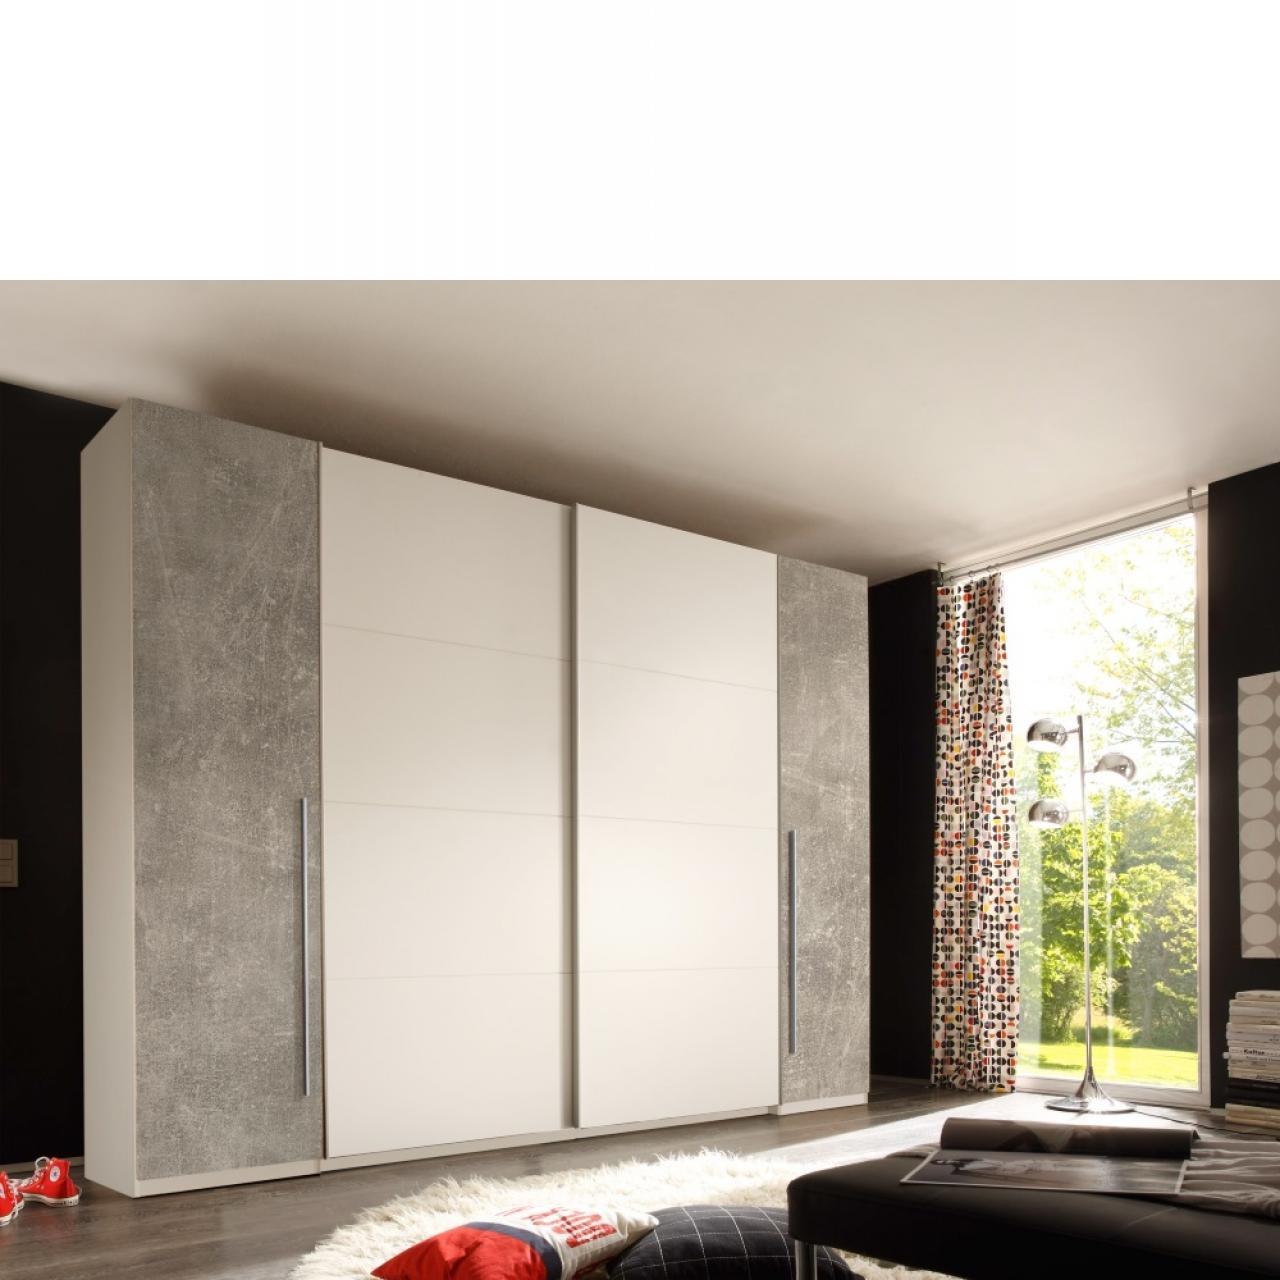 Dreh- und Schwebetürenschrank - Match 2 - weiß/beton